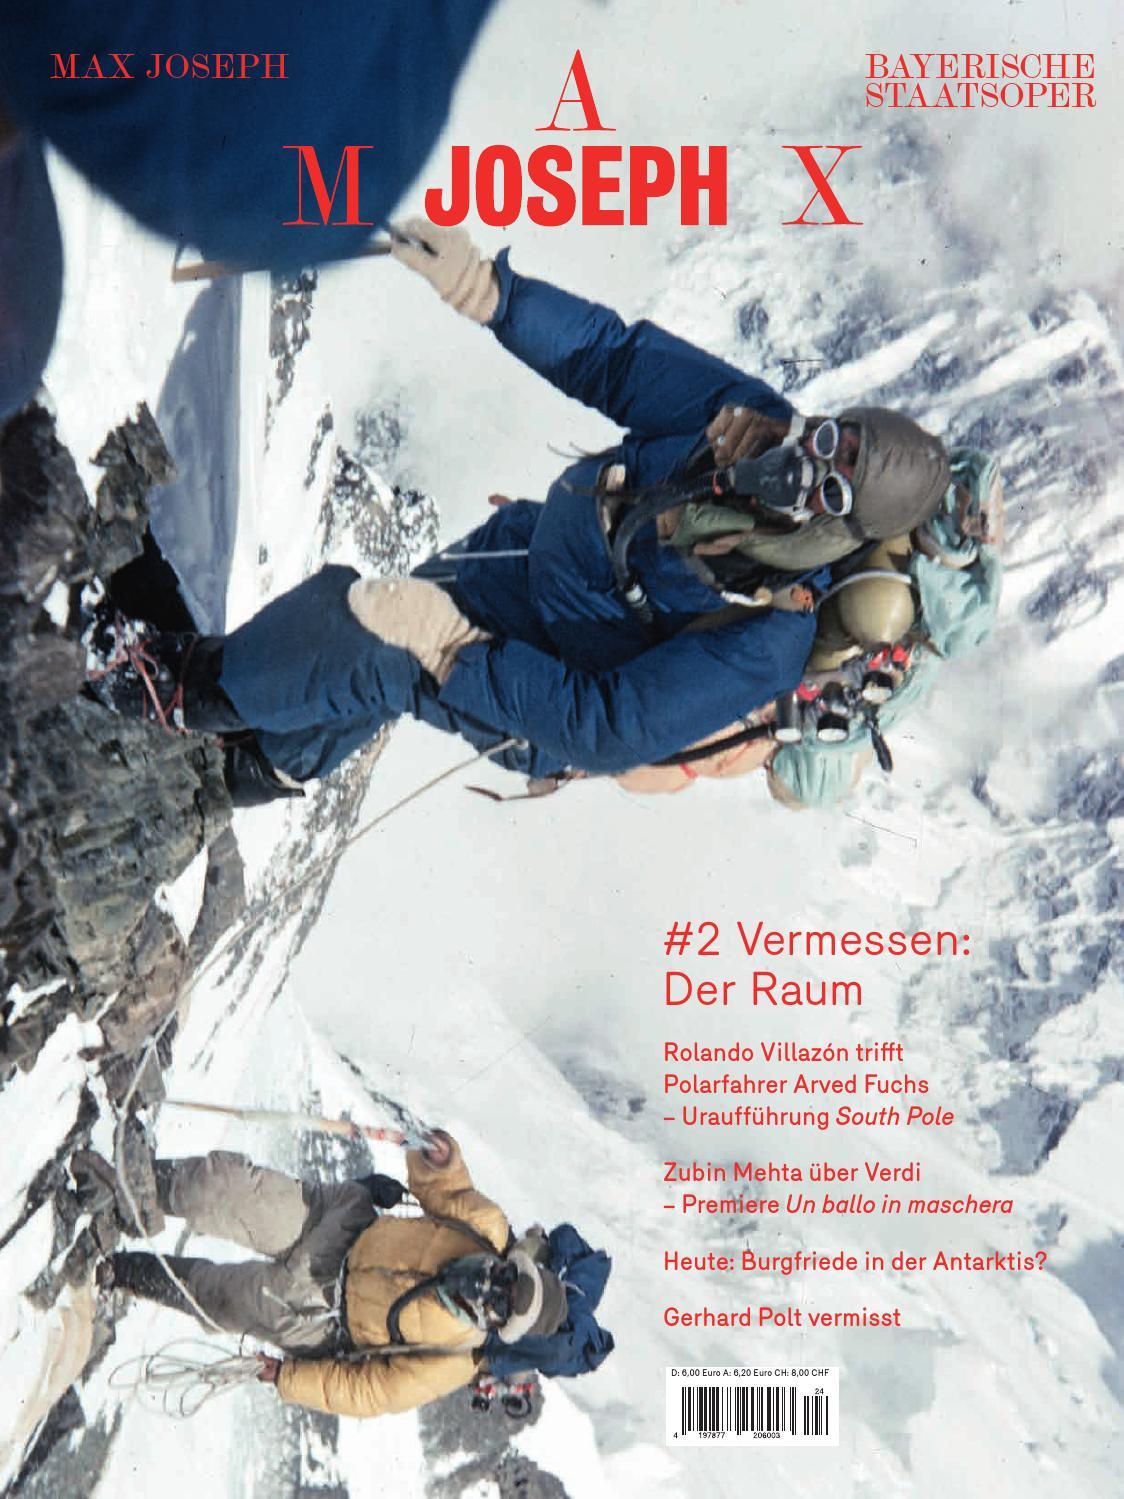 MAX JOSEPH #2 Vermessen: Der Raum by Bayerische Staatsoper - issuu